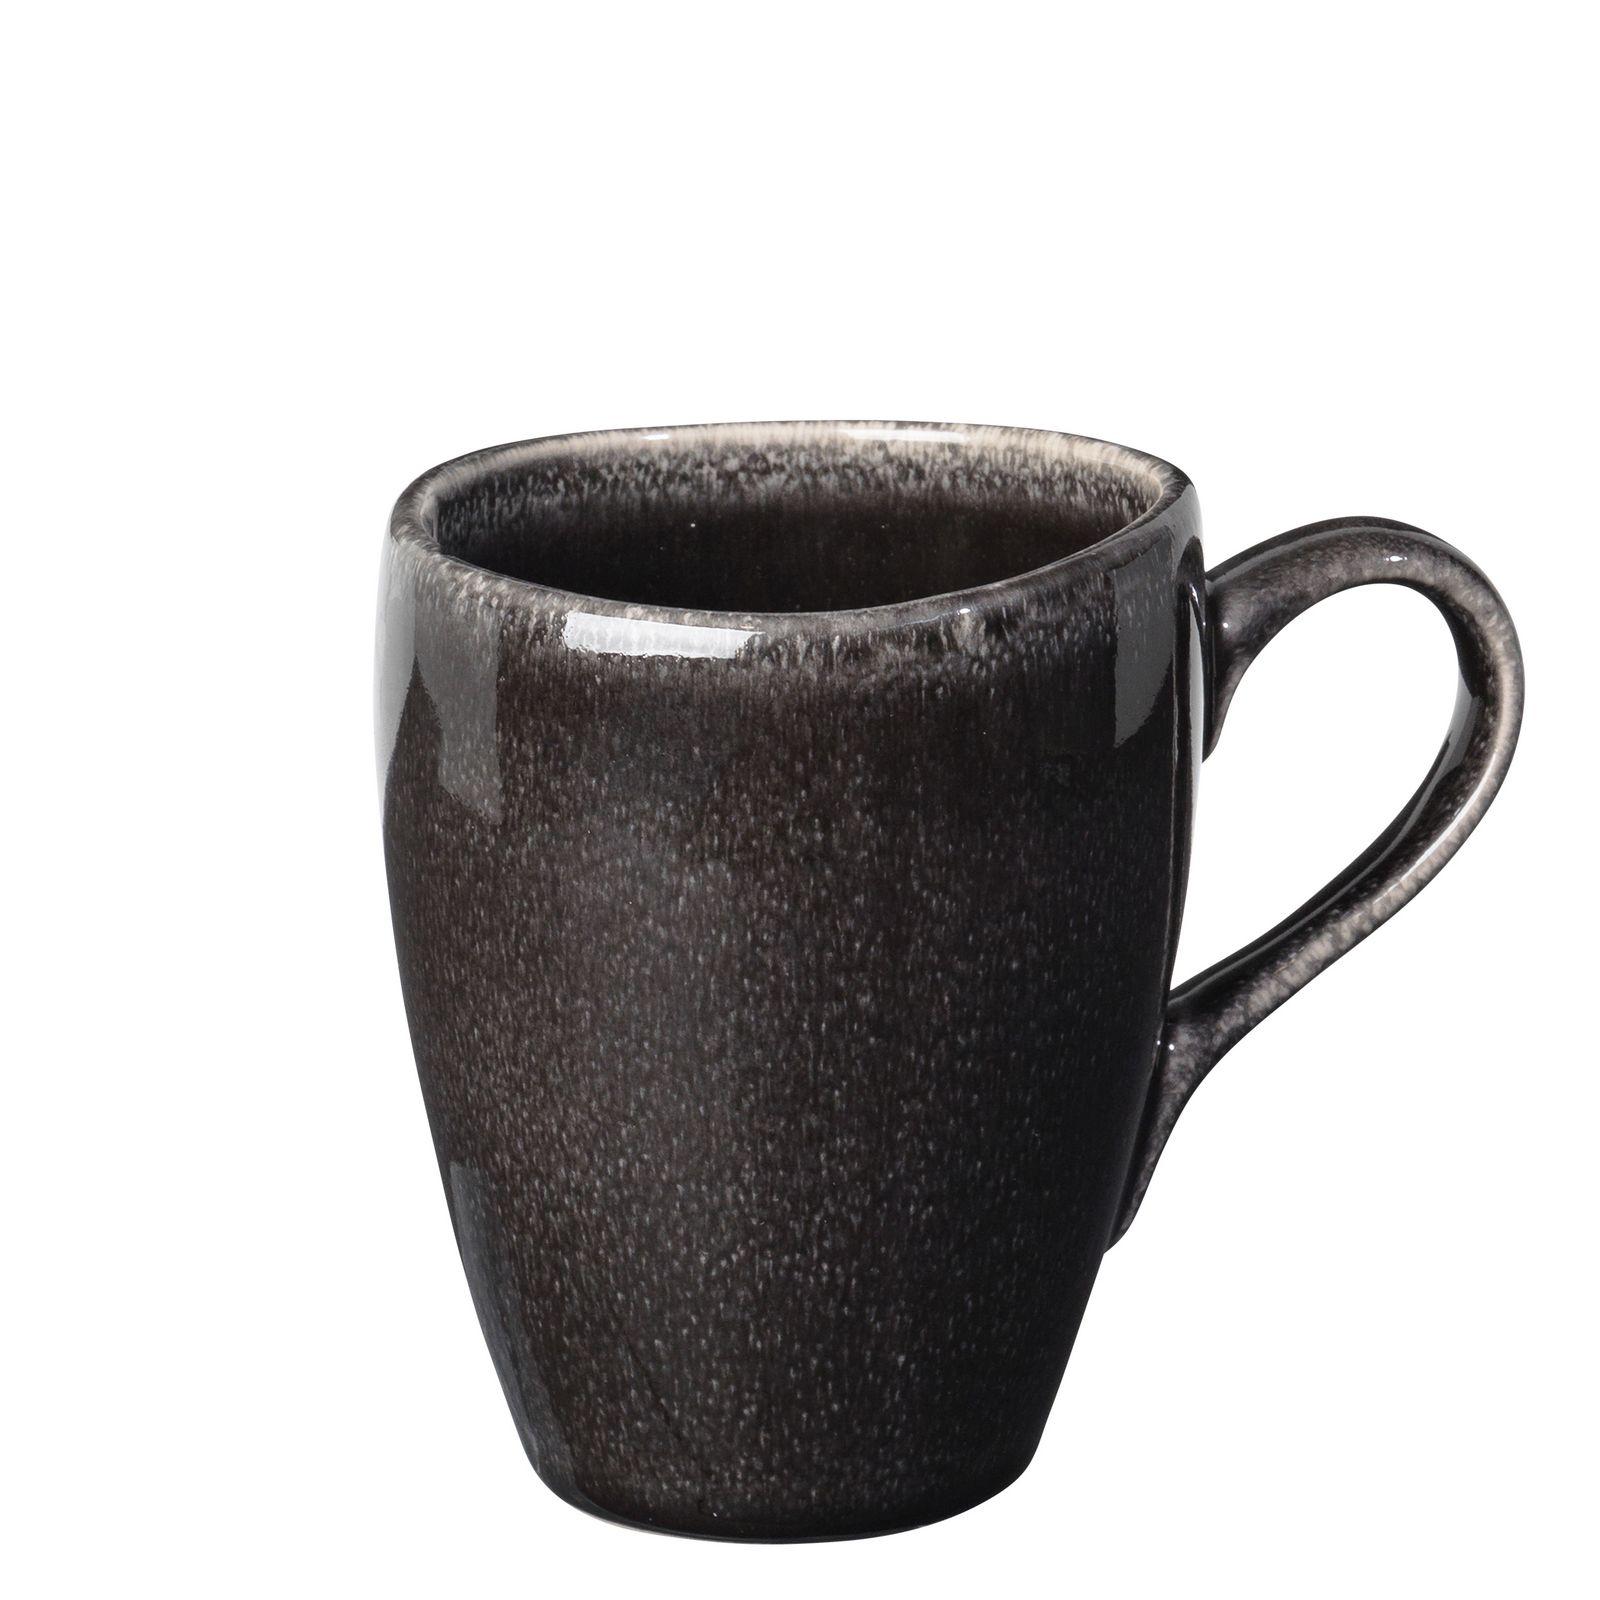 Набор кружек Broste Nordic Coal, цвет: темно-коричневый, 250 мл, 2 шт. 14533095